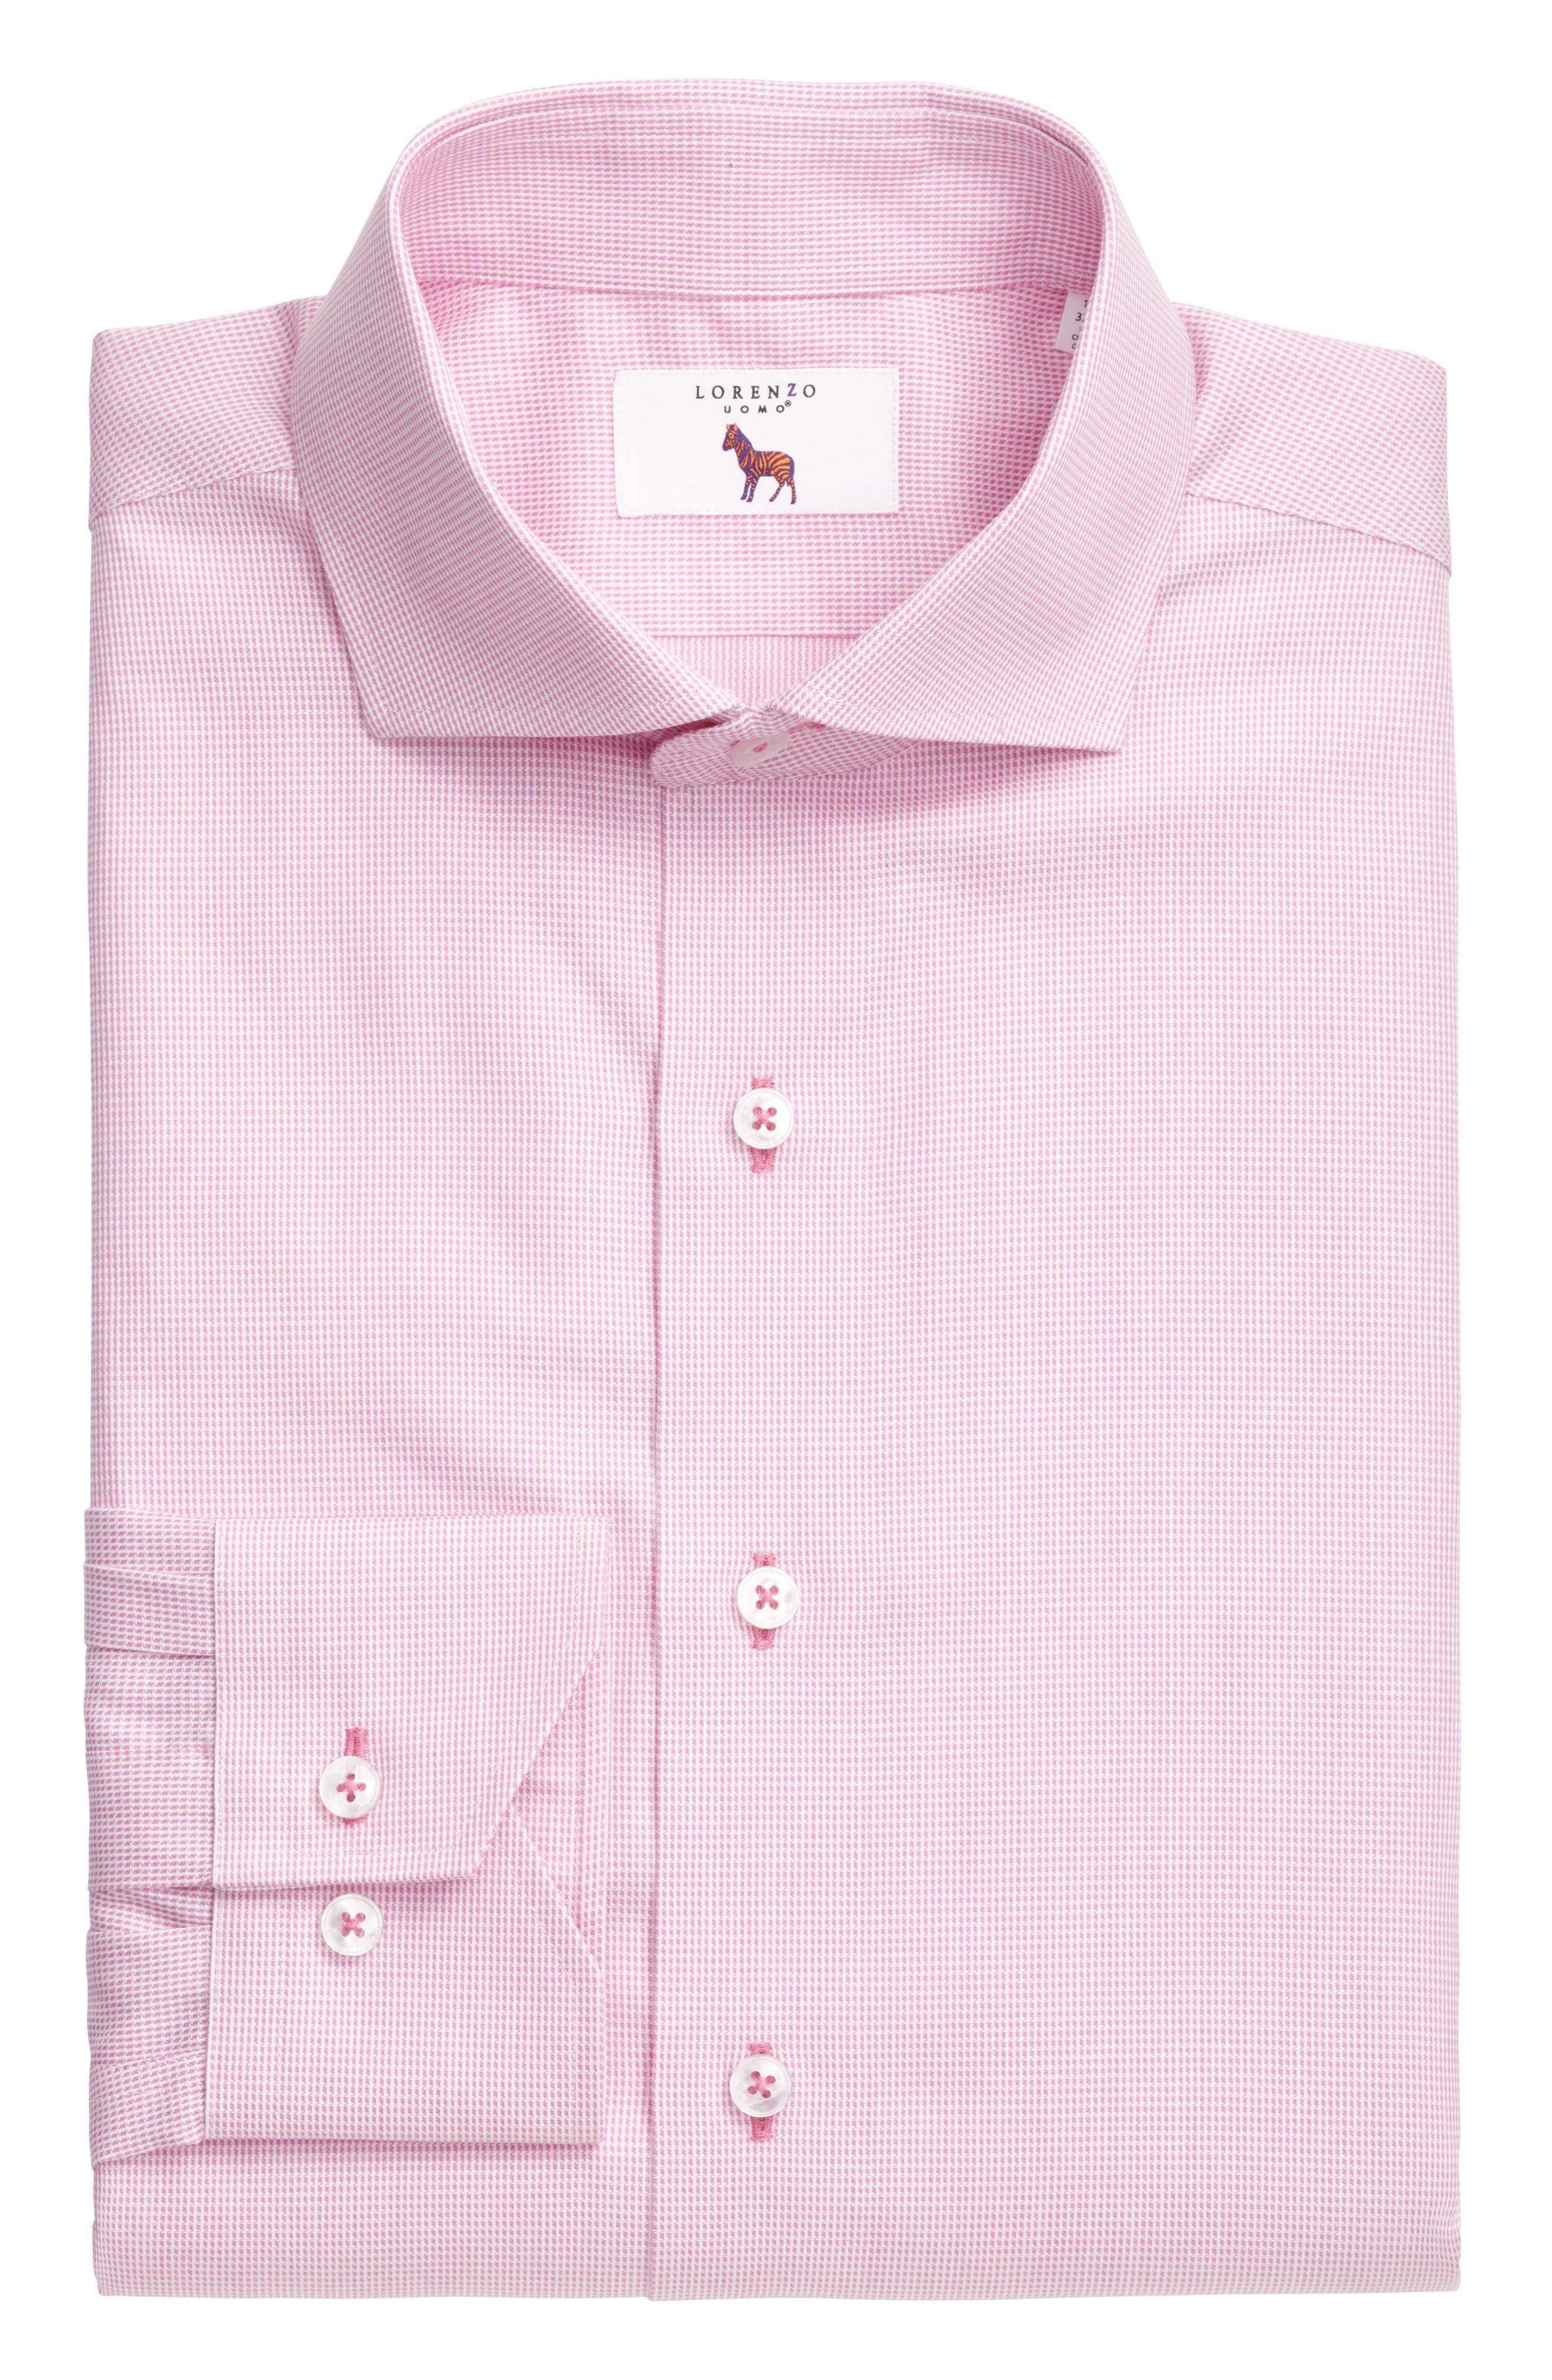 Trim Fit Solid Dress Shirt,                             Alternate thumbnail 3, color,                             680